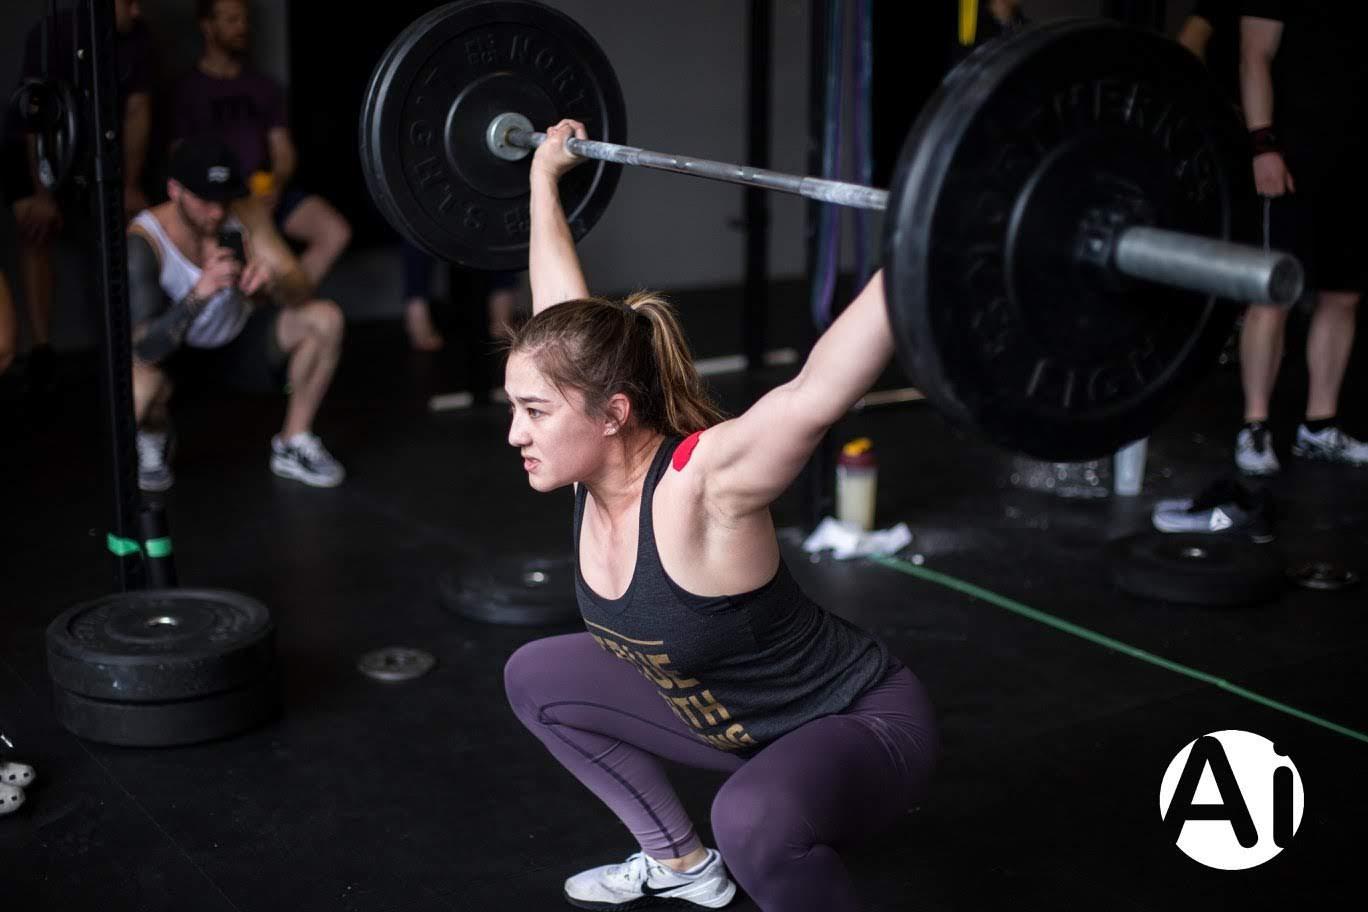 Lauren Tindale - Region: YVRAffiliate: Raincity Athletics@Laurentindale